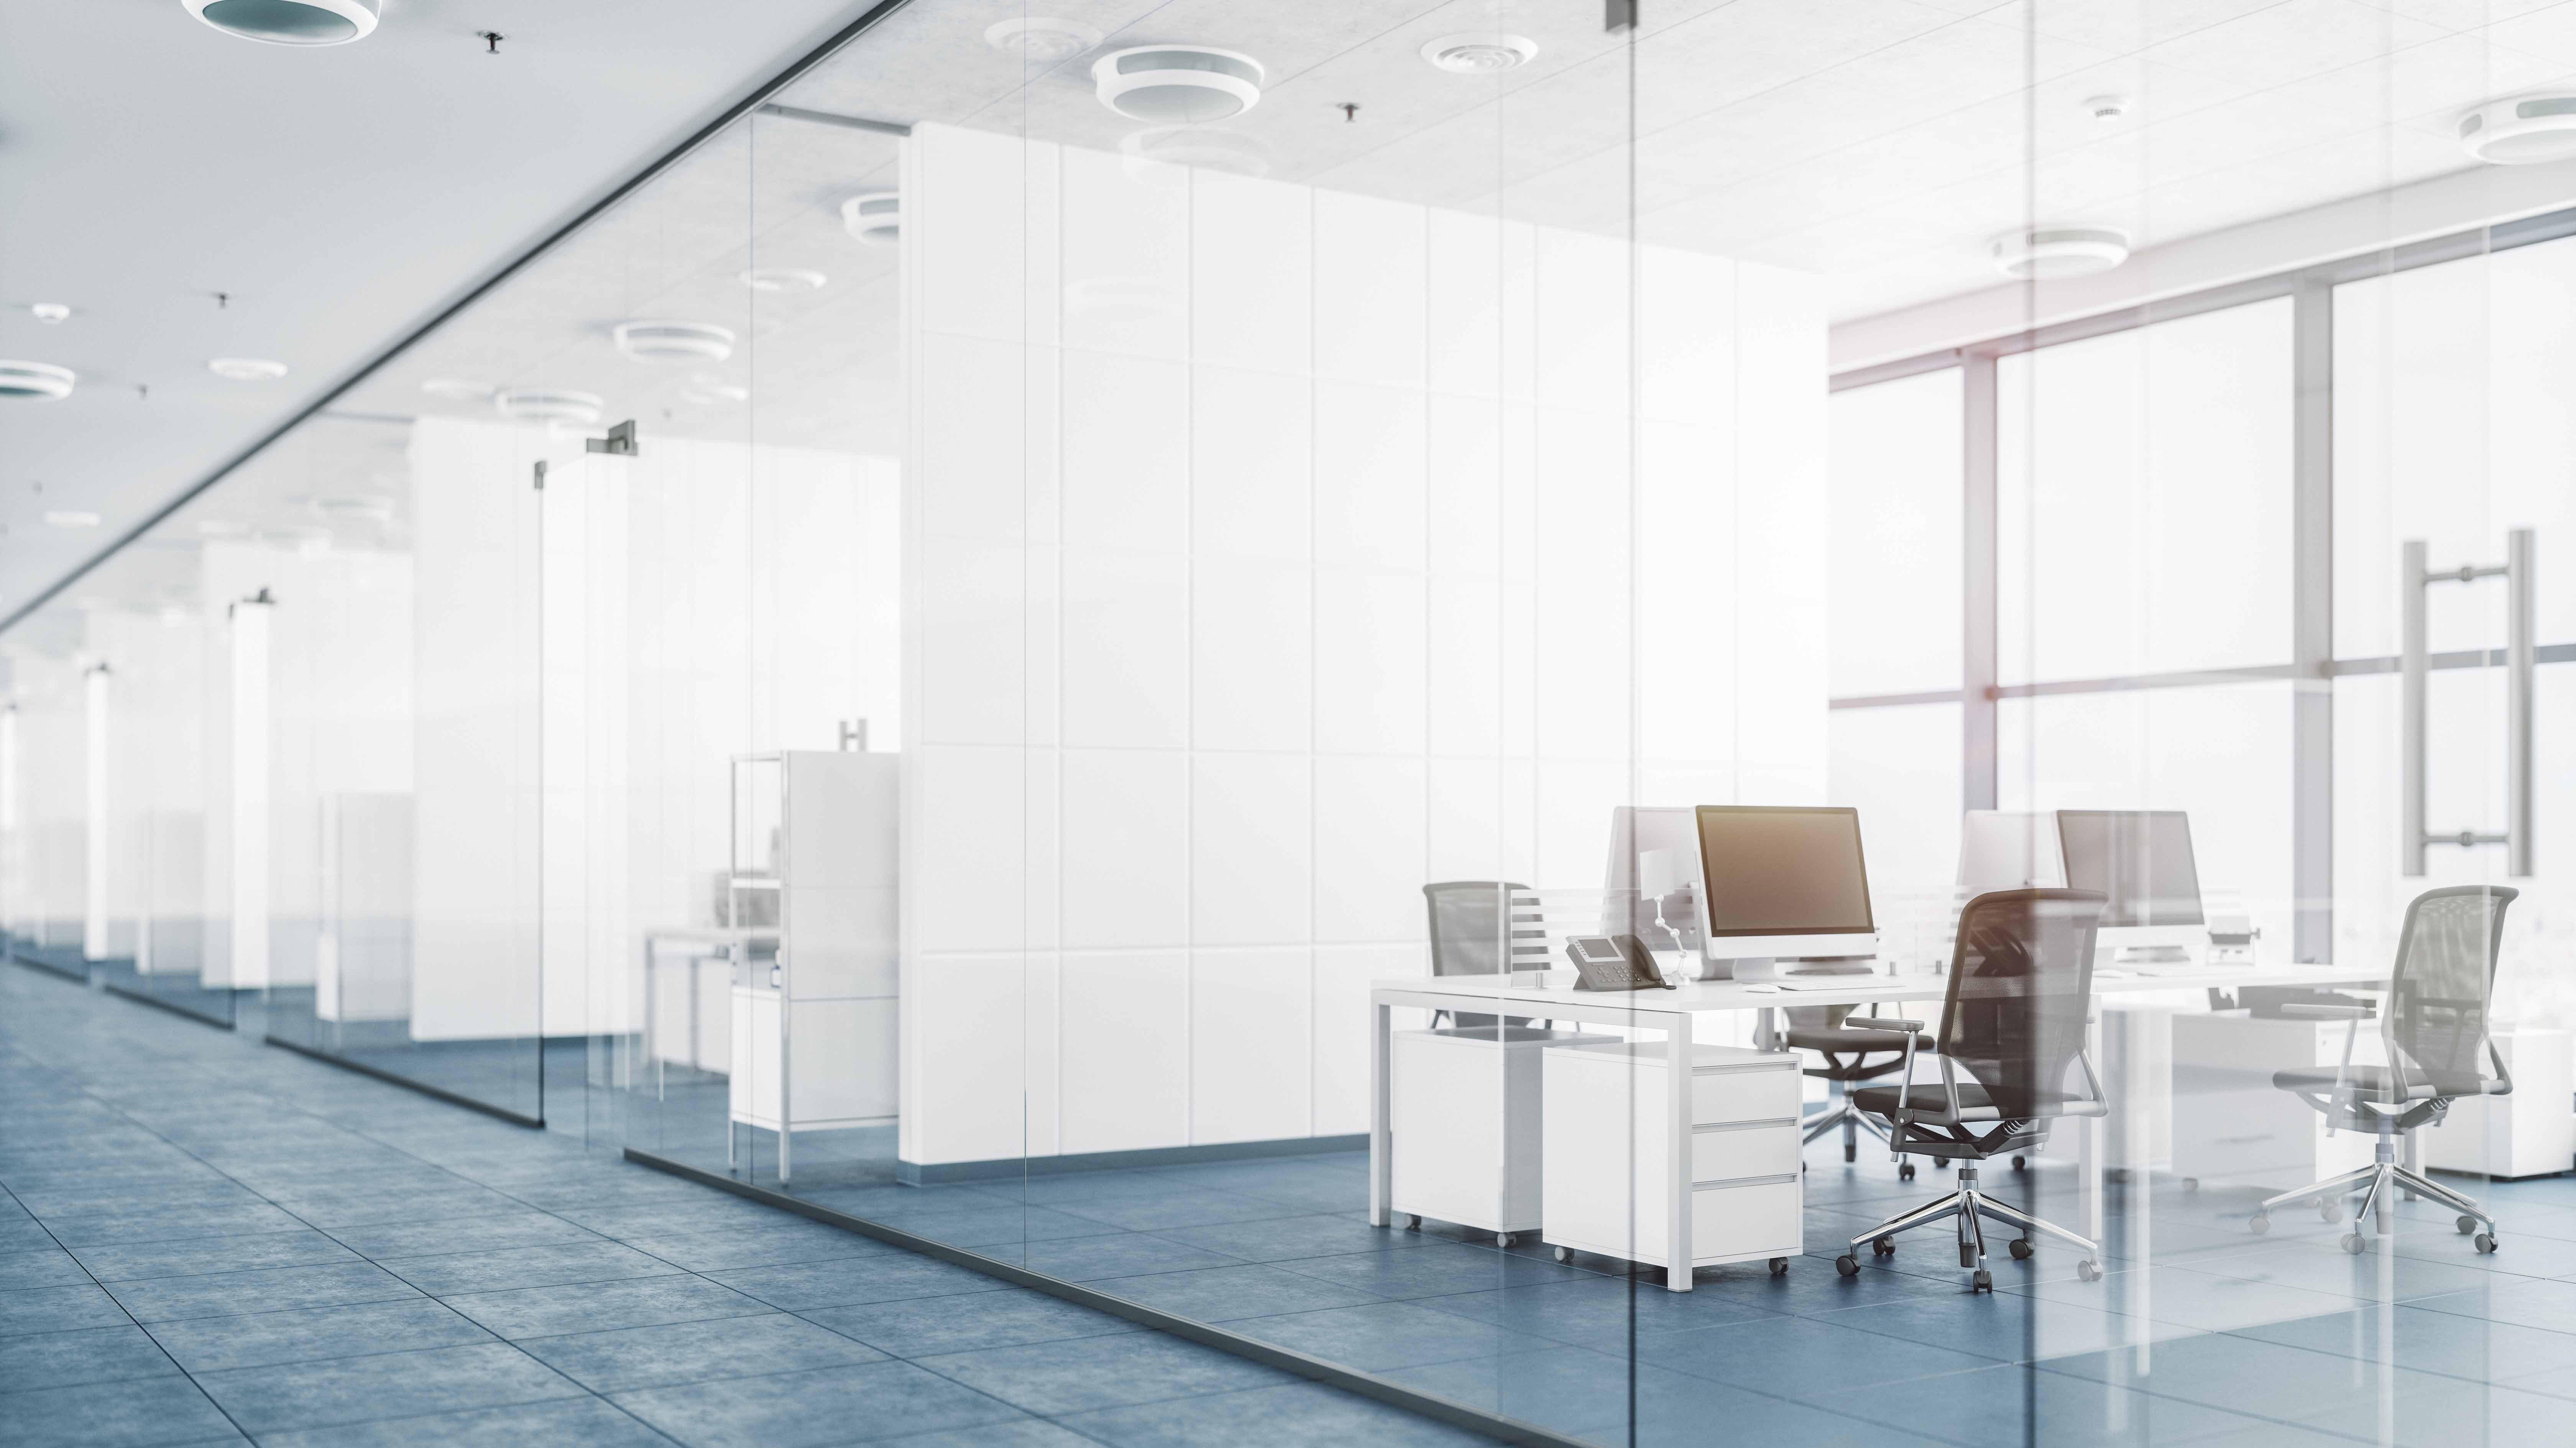 """<p><span style=""""color: rgb(0, 0, 0); background-color: transparent;"""">Mercado de oficinas bajo el efecto del coronavirus: la recuperación se retrasa un año más</span></p>"""